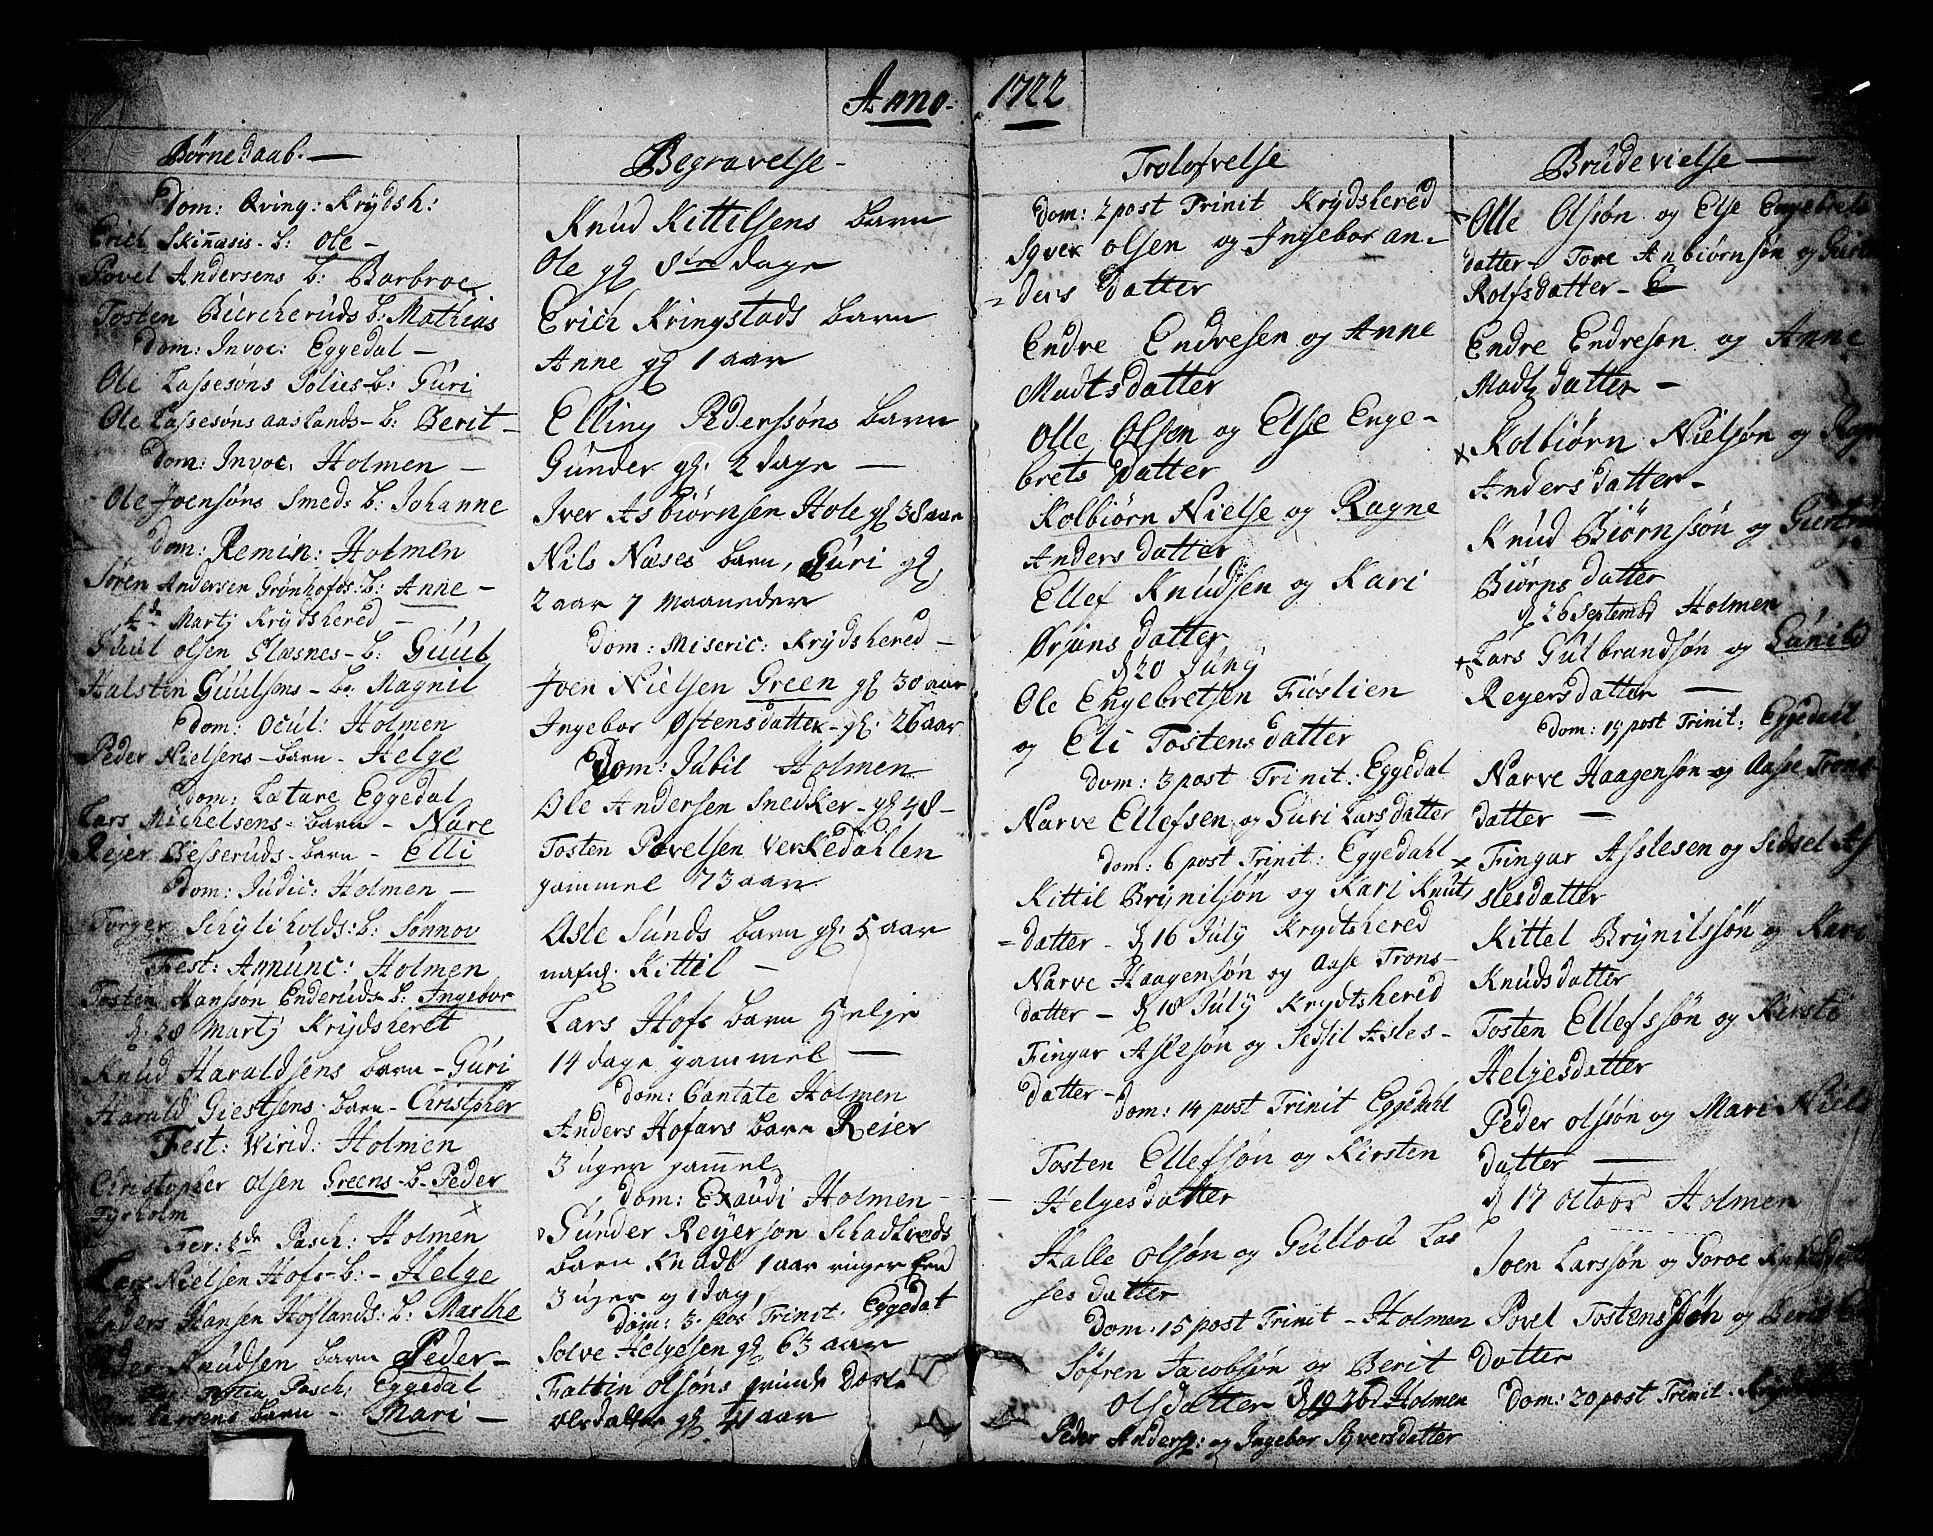 SAKO, Sigdal kirkebøker, F/Fa/L0001: Ministerialbok nr. I 1, 1722-1777, s. 3